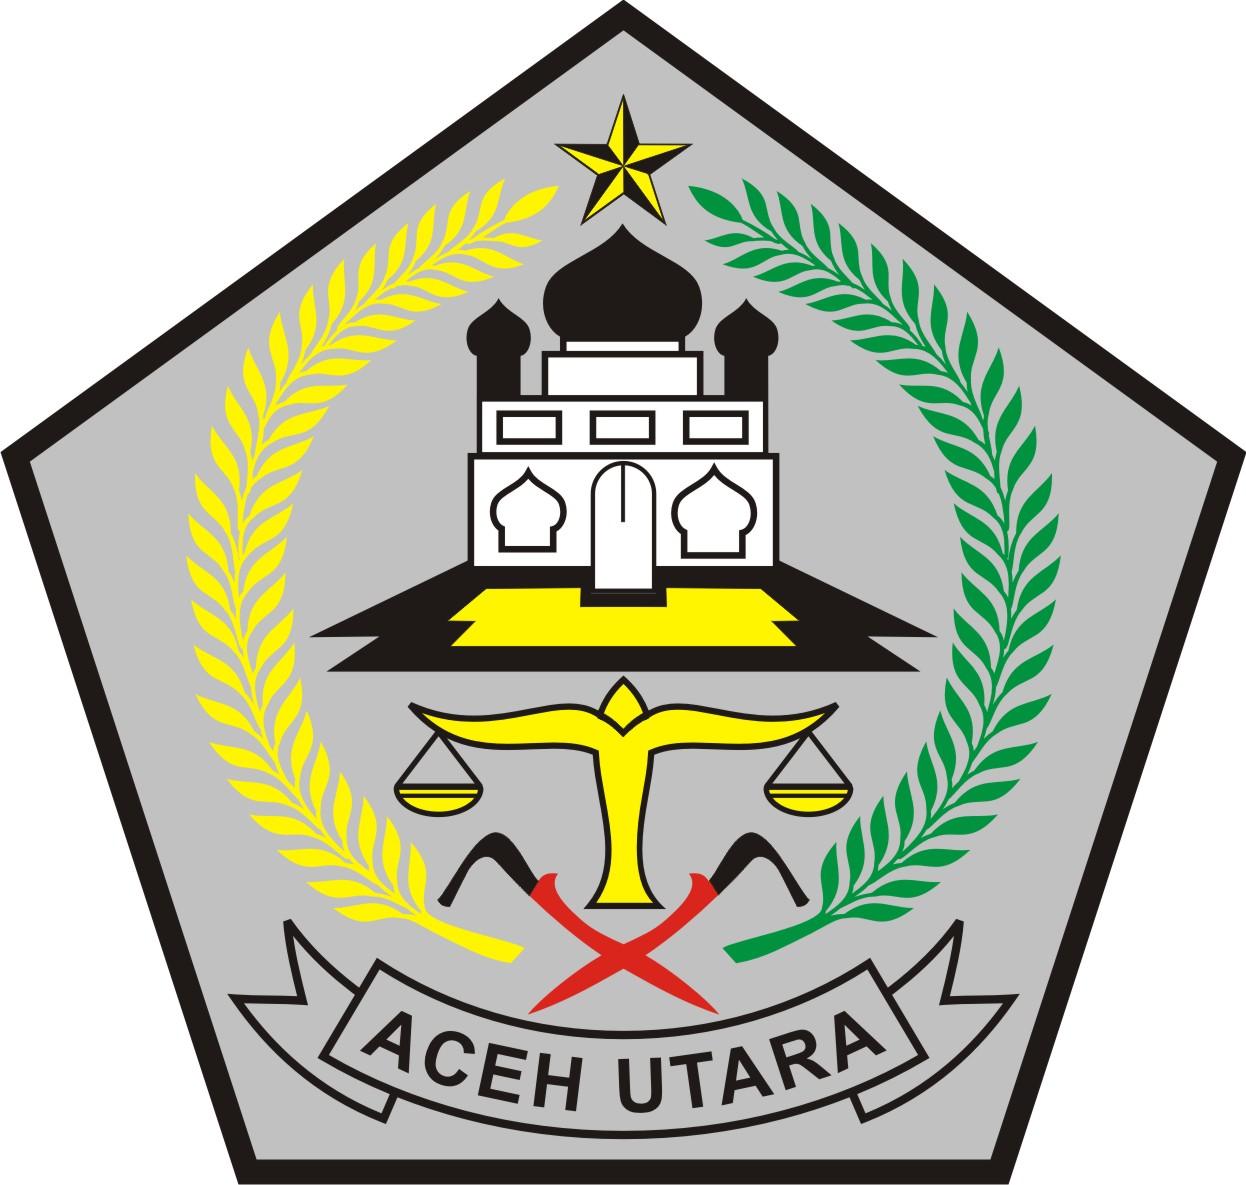 LOGO+ACEH+UTARA